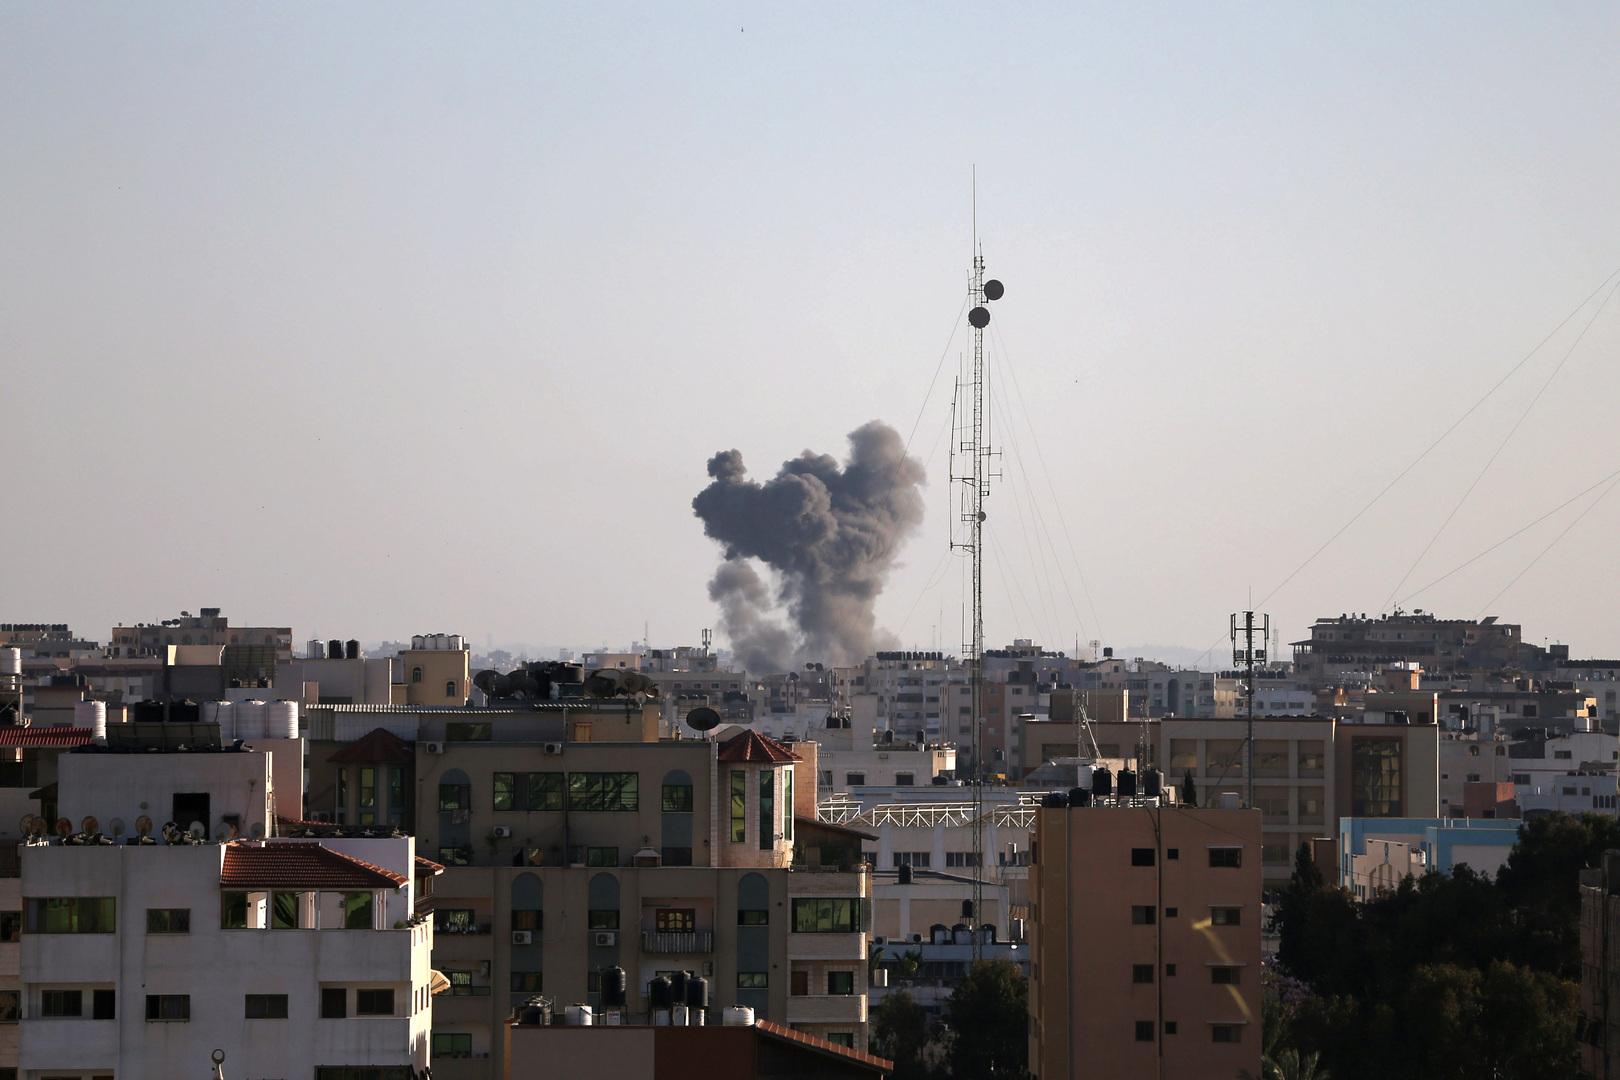 الجيش الإسرائيلي ينشر فيديو يوثق غاراته على مواقع في قطاع غزة